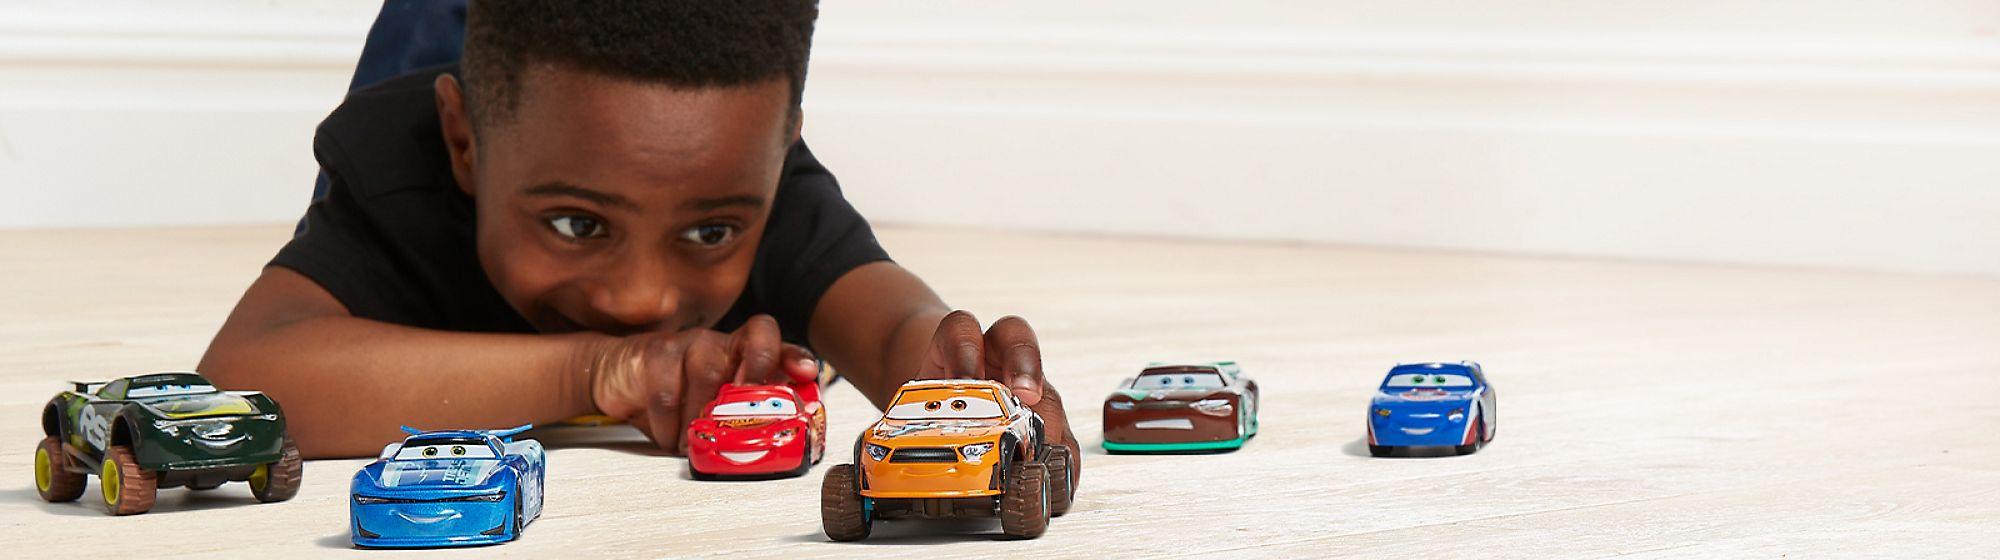 Coches teledirigidos Nuestra selección de juguetes y coches  teledirigidos hará que jugar sea aún más divertido.  ¡Descúbrelos!